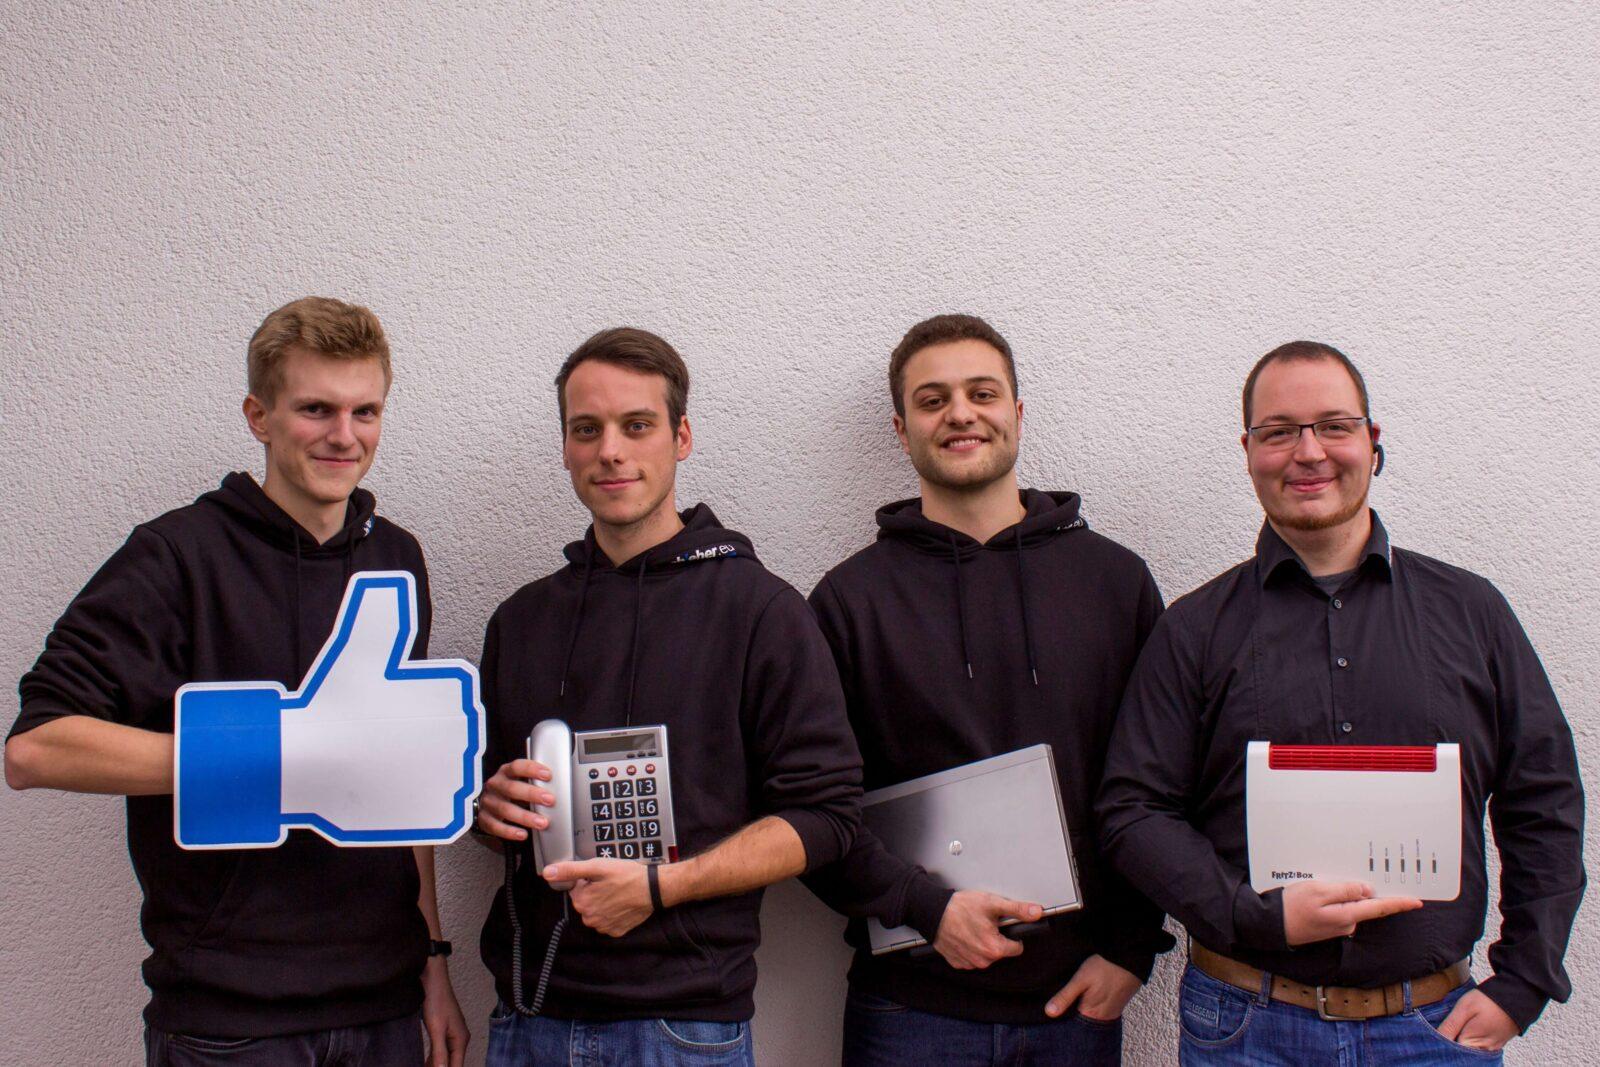 Unser Team bei Schleher in Wittenberg steht Ihnen bei sämtlichen IT-Dienstleistungen zur Verfügung